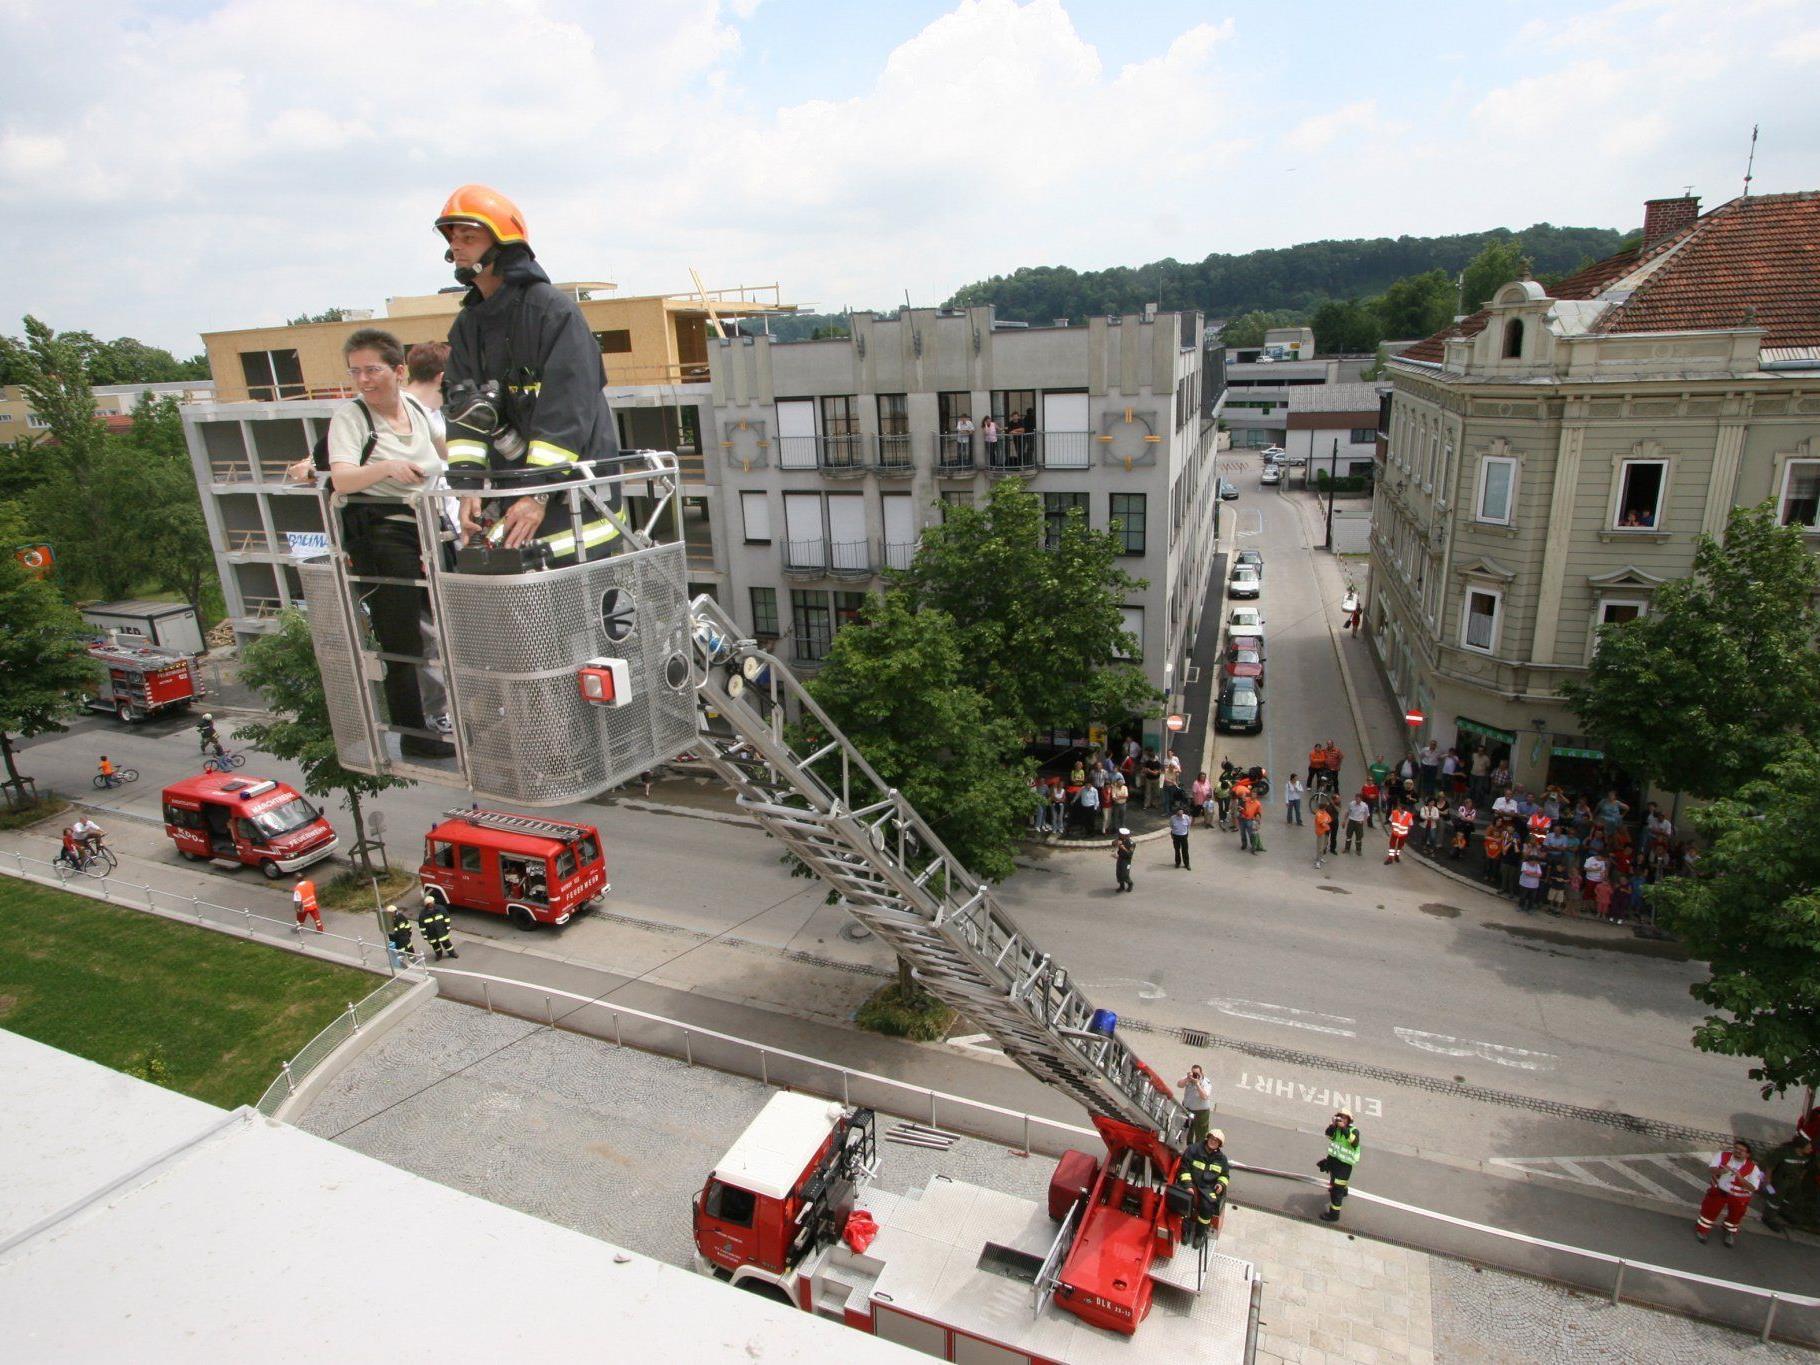 Feuer im 2. Bezirk! Zum Glück gab es keine Verletzten, nur eine Tür musste dran glauben.